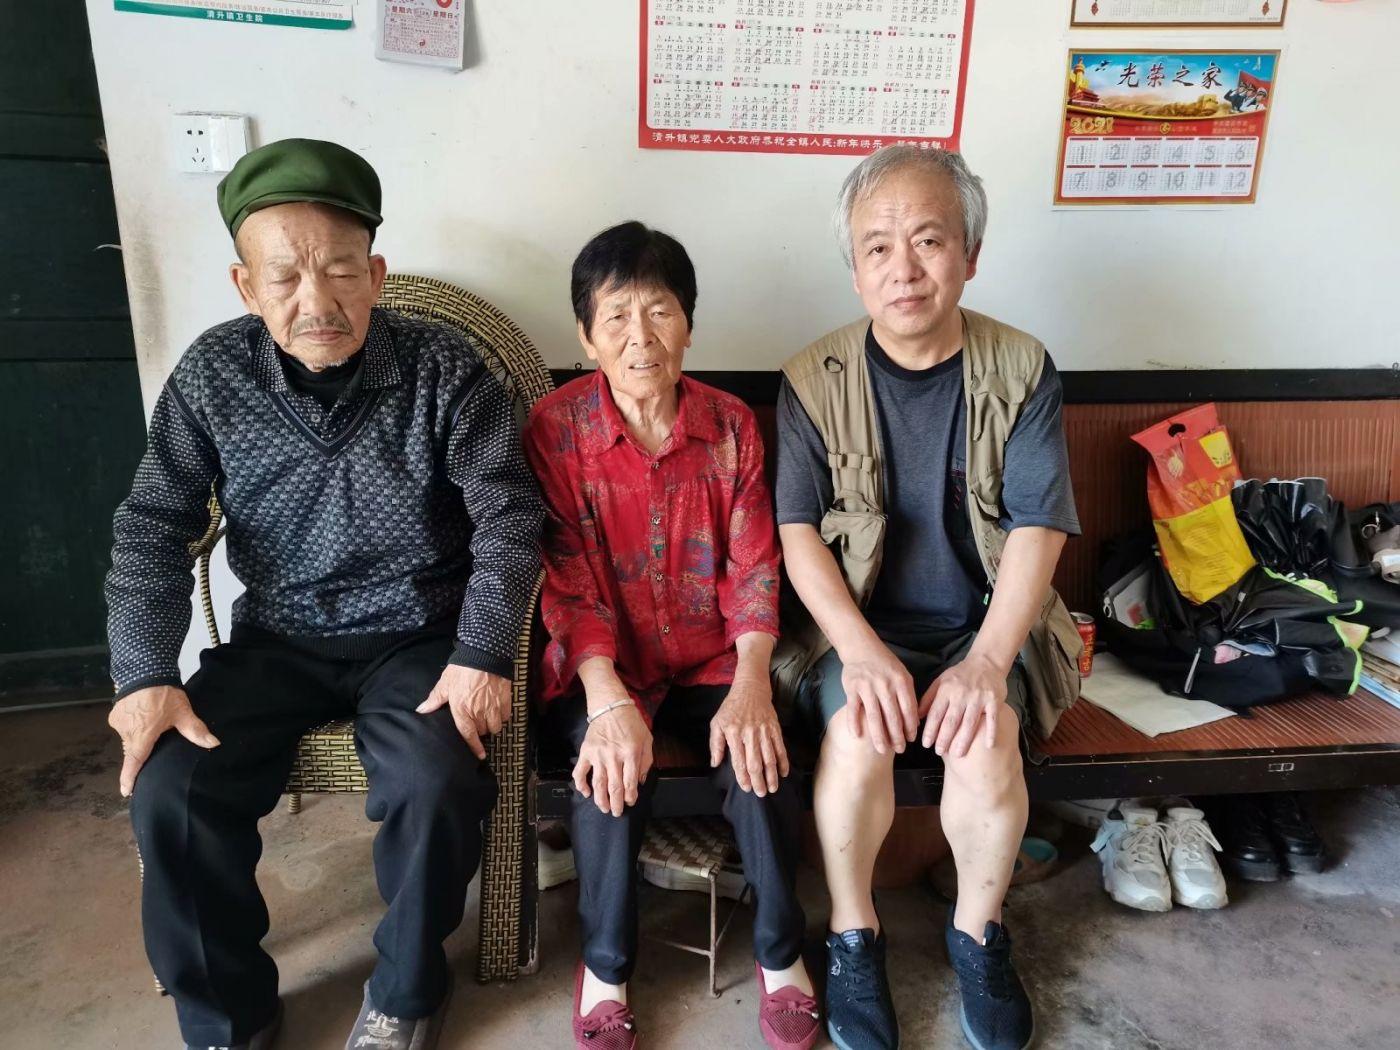 荣昌之行——乡村的忧愁_图1-2